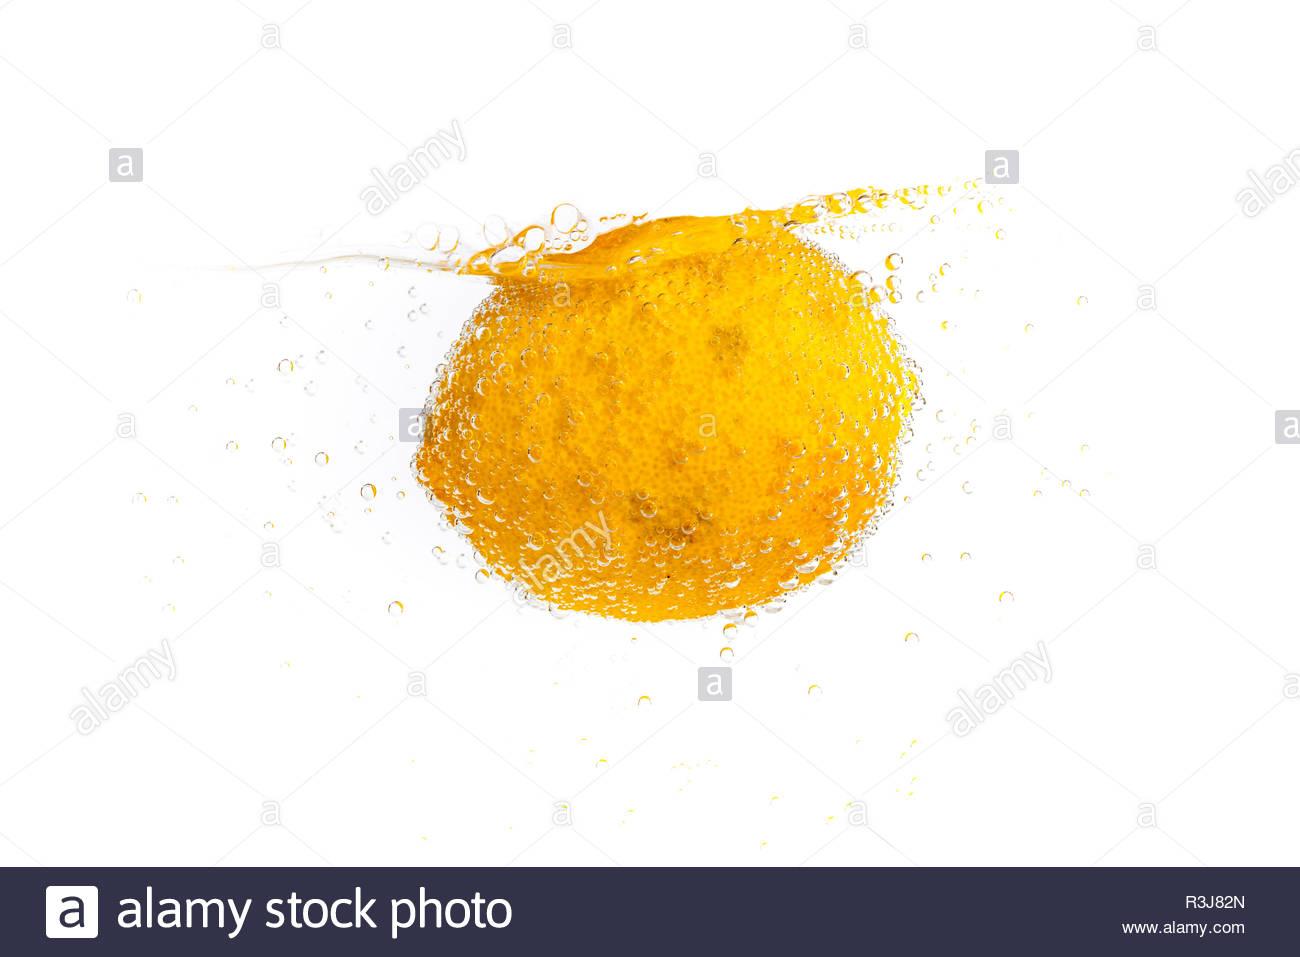 Frische Zitrone im frischen Wasser - Stock Image